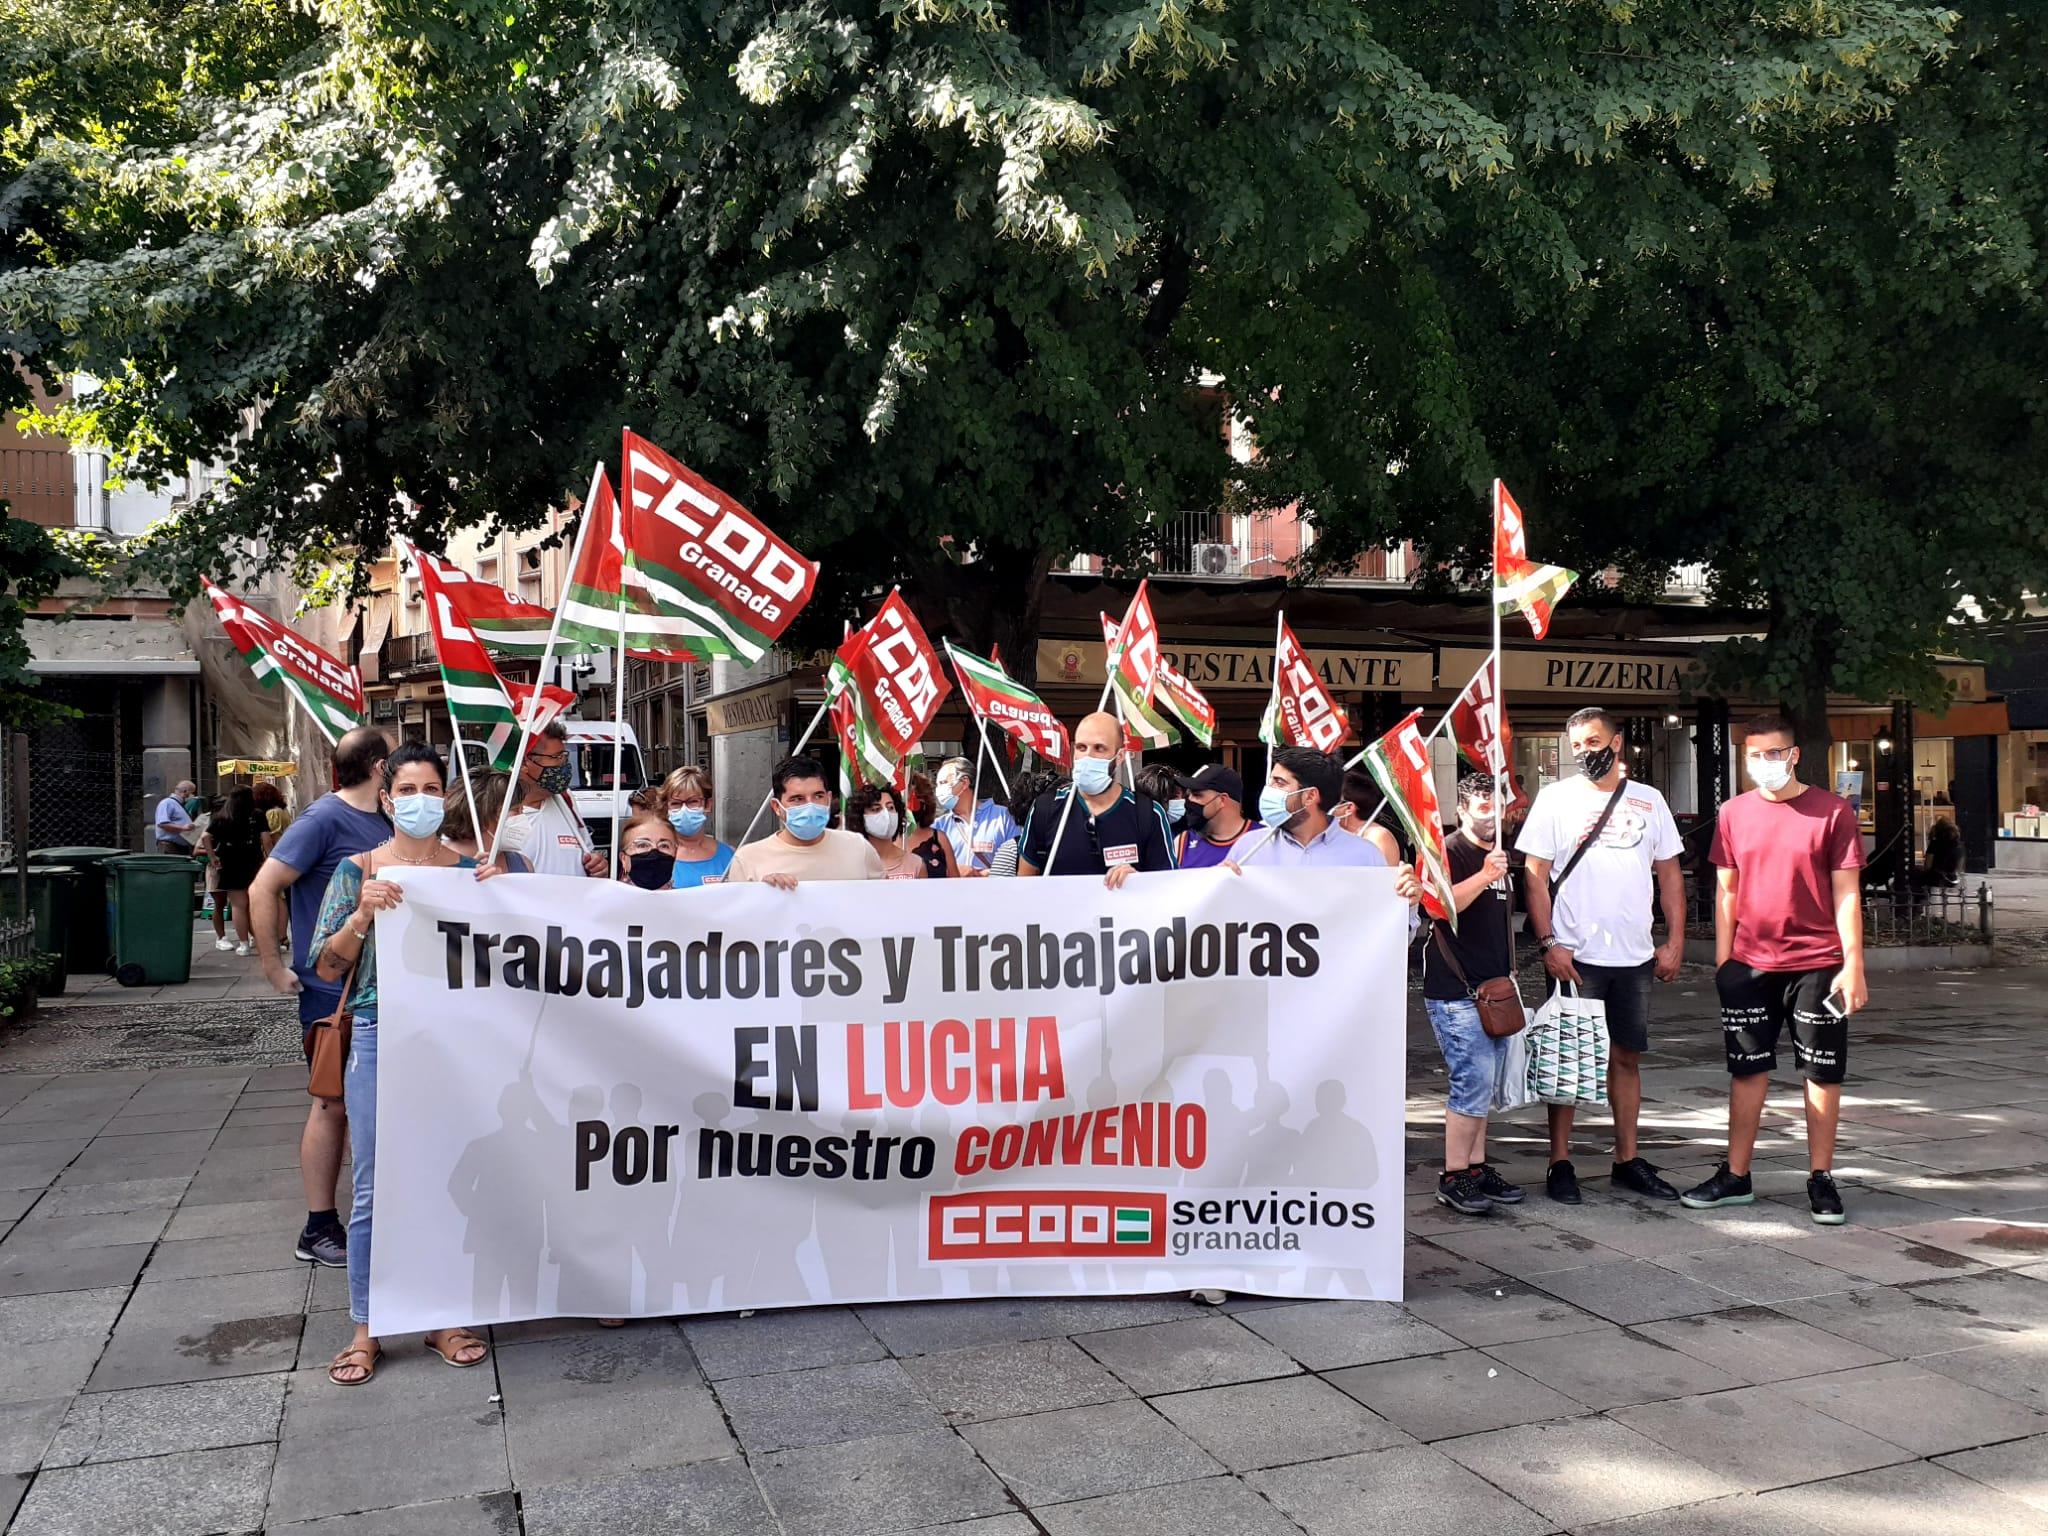 CCOO denuncia la parálisis en la negociación del convenio colectivo de hostelería